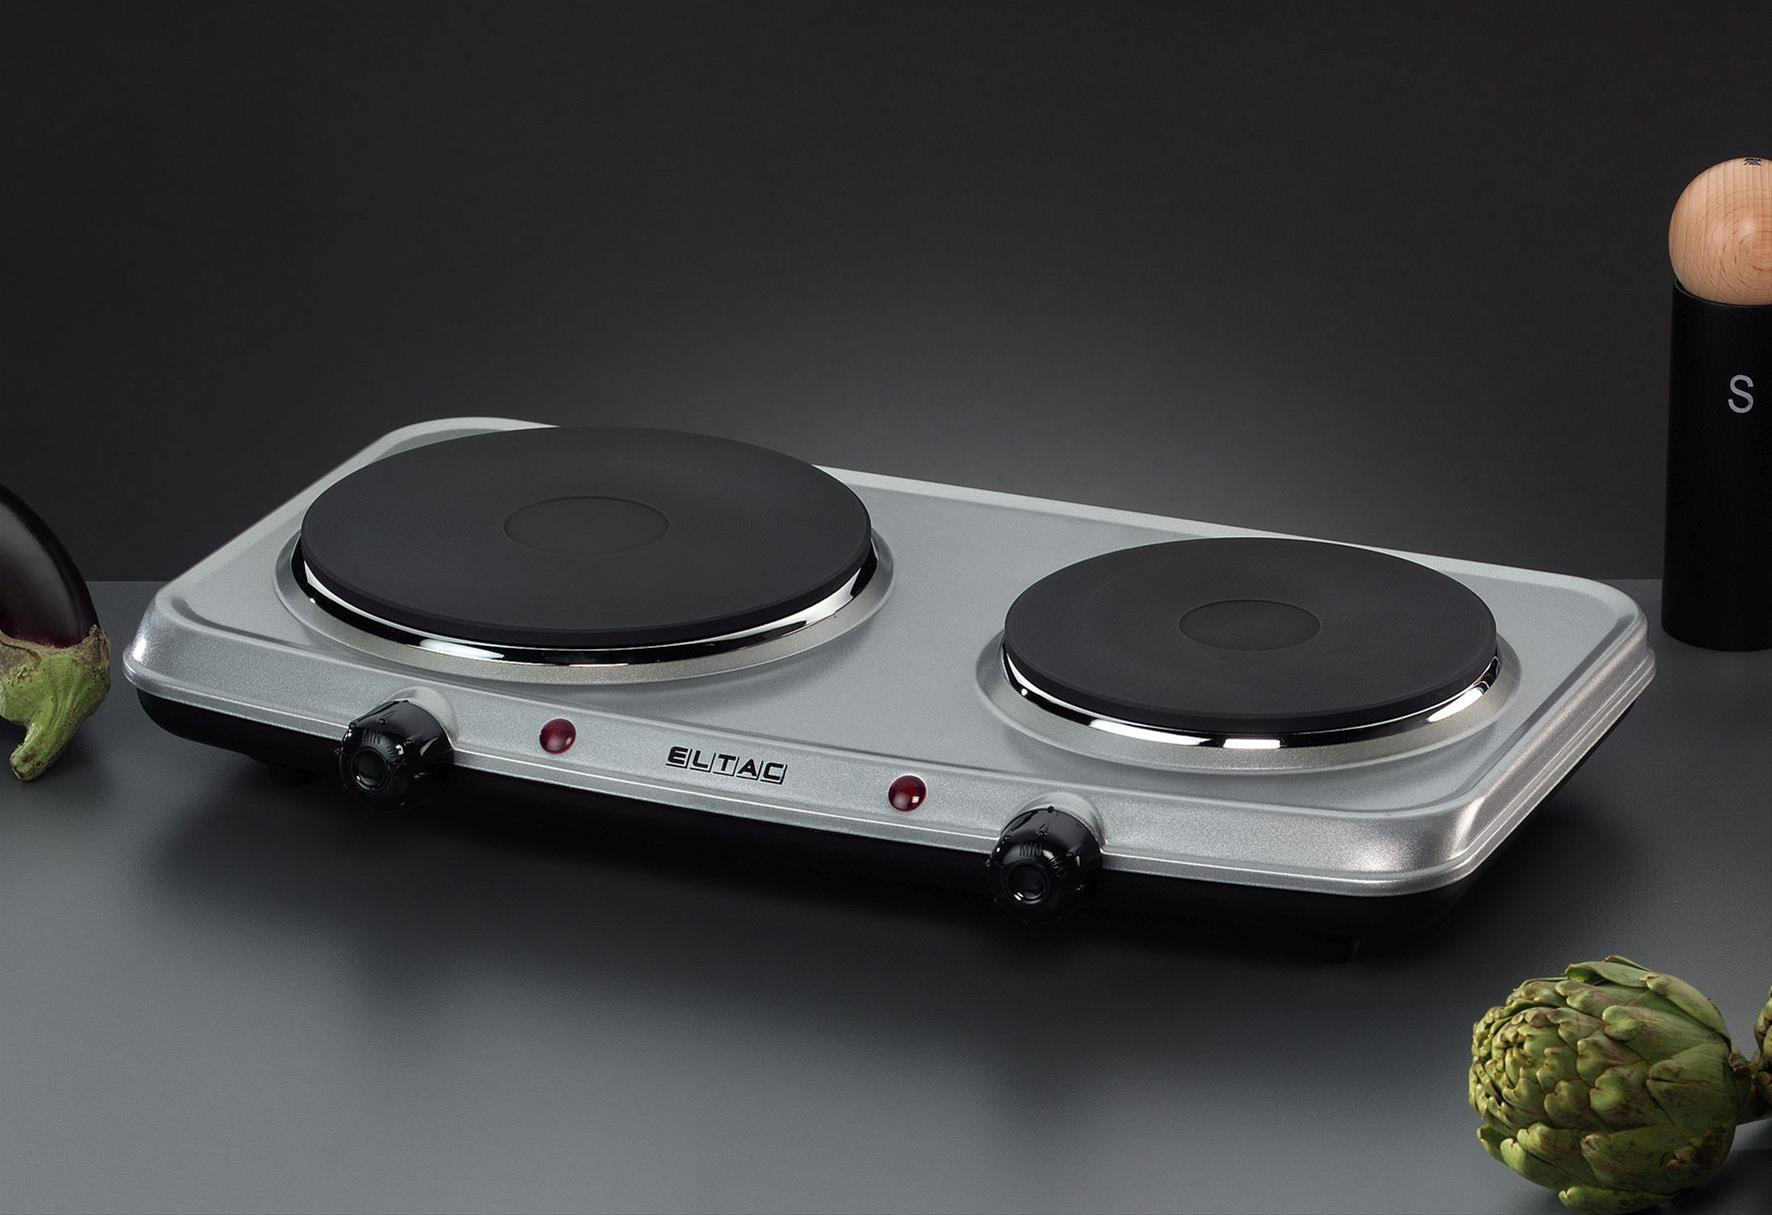 Doppelkochplatte Eltac DK 28 2250 W 230 V Bild 1